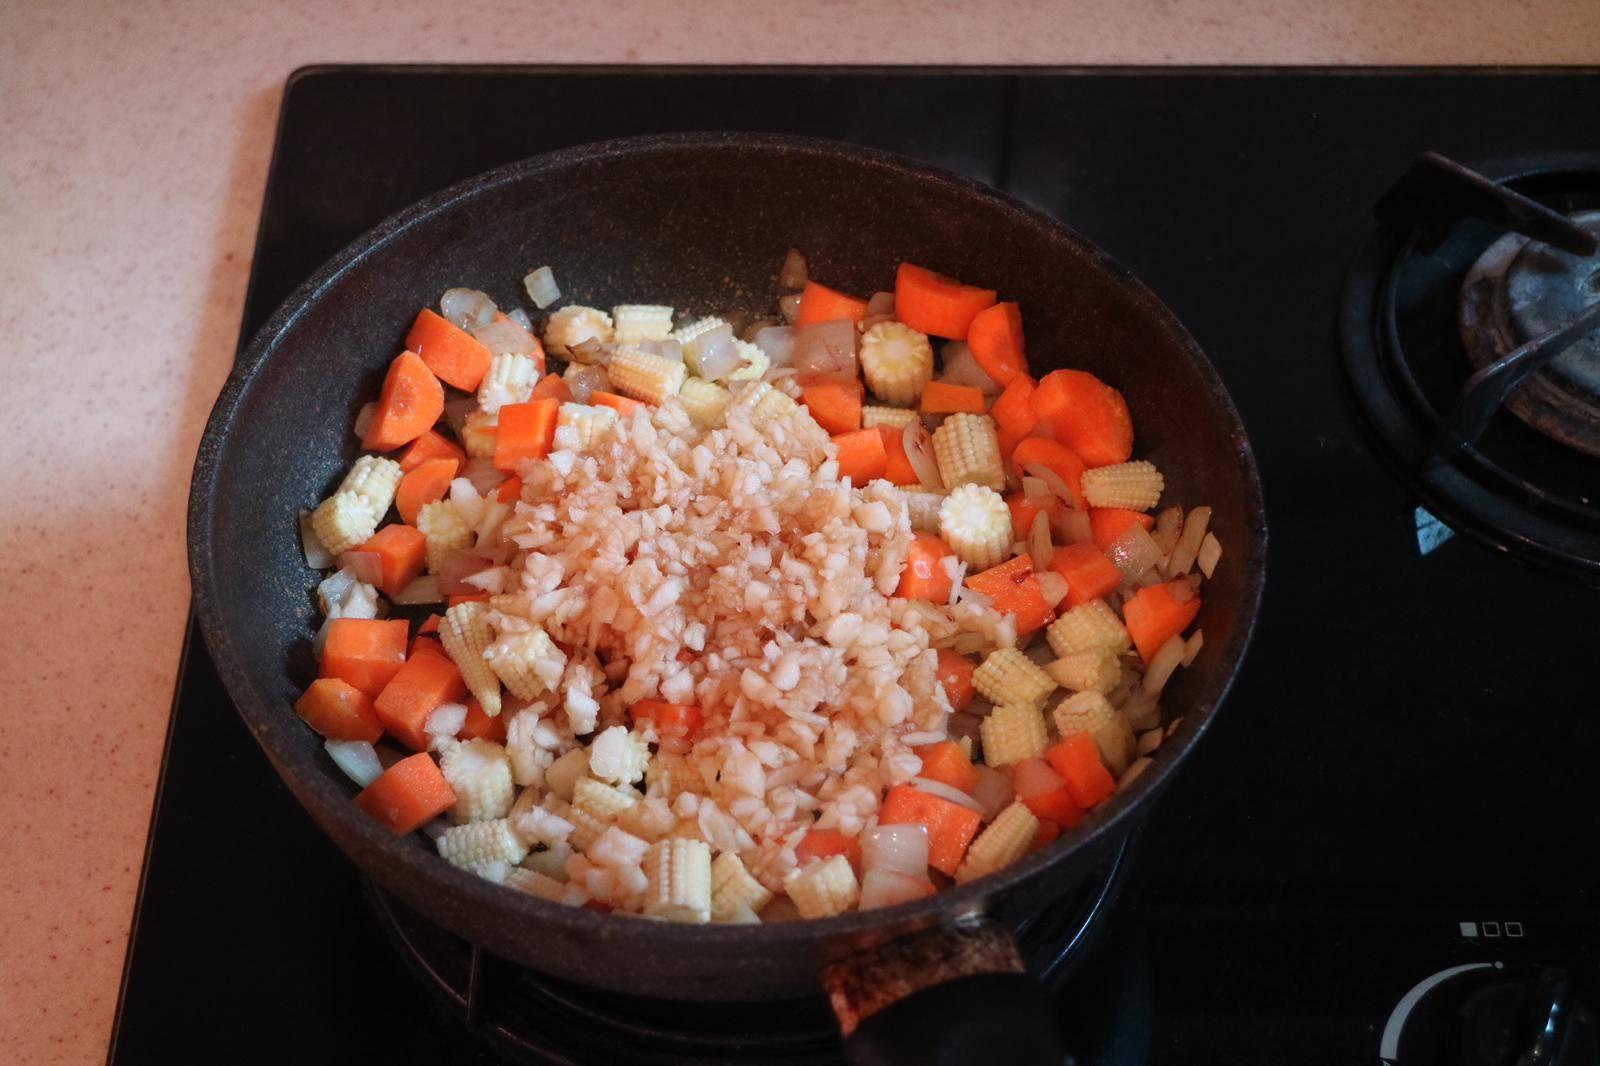 營養師教煮減肥餐!3大500kcal超低卡飯盒食譜 咖喱蛋包飯+鹽麴三文魚+星洲炒米